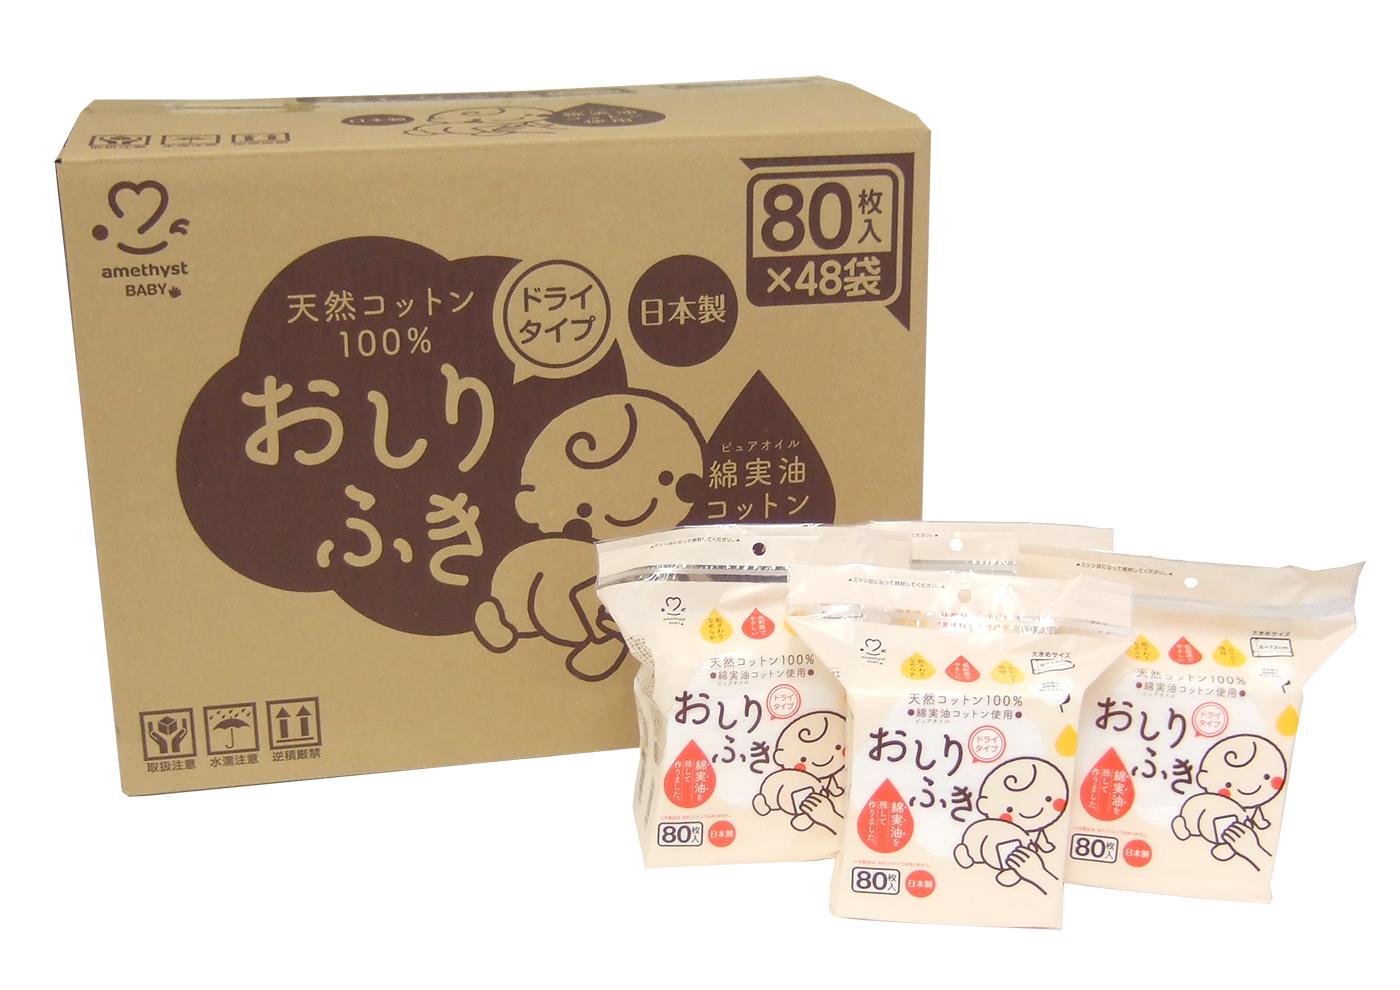 アメジストベビーコットン8×1280枚入×48袋(1ケース)【日本製】【セール対象商品】